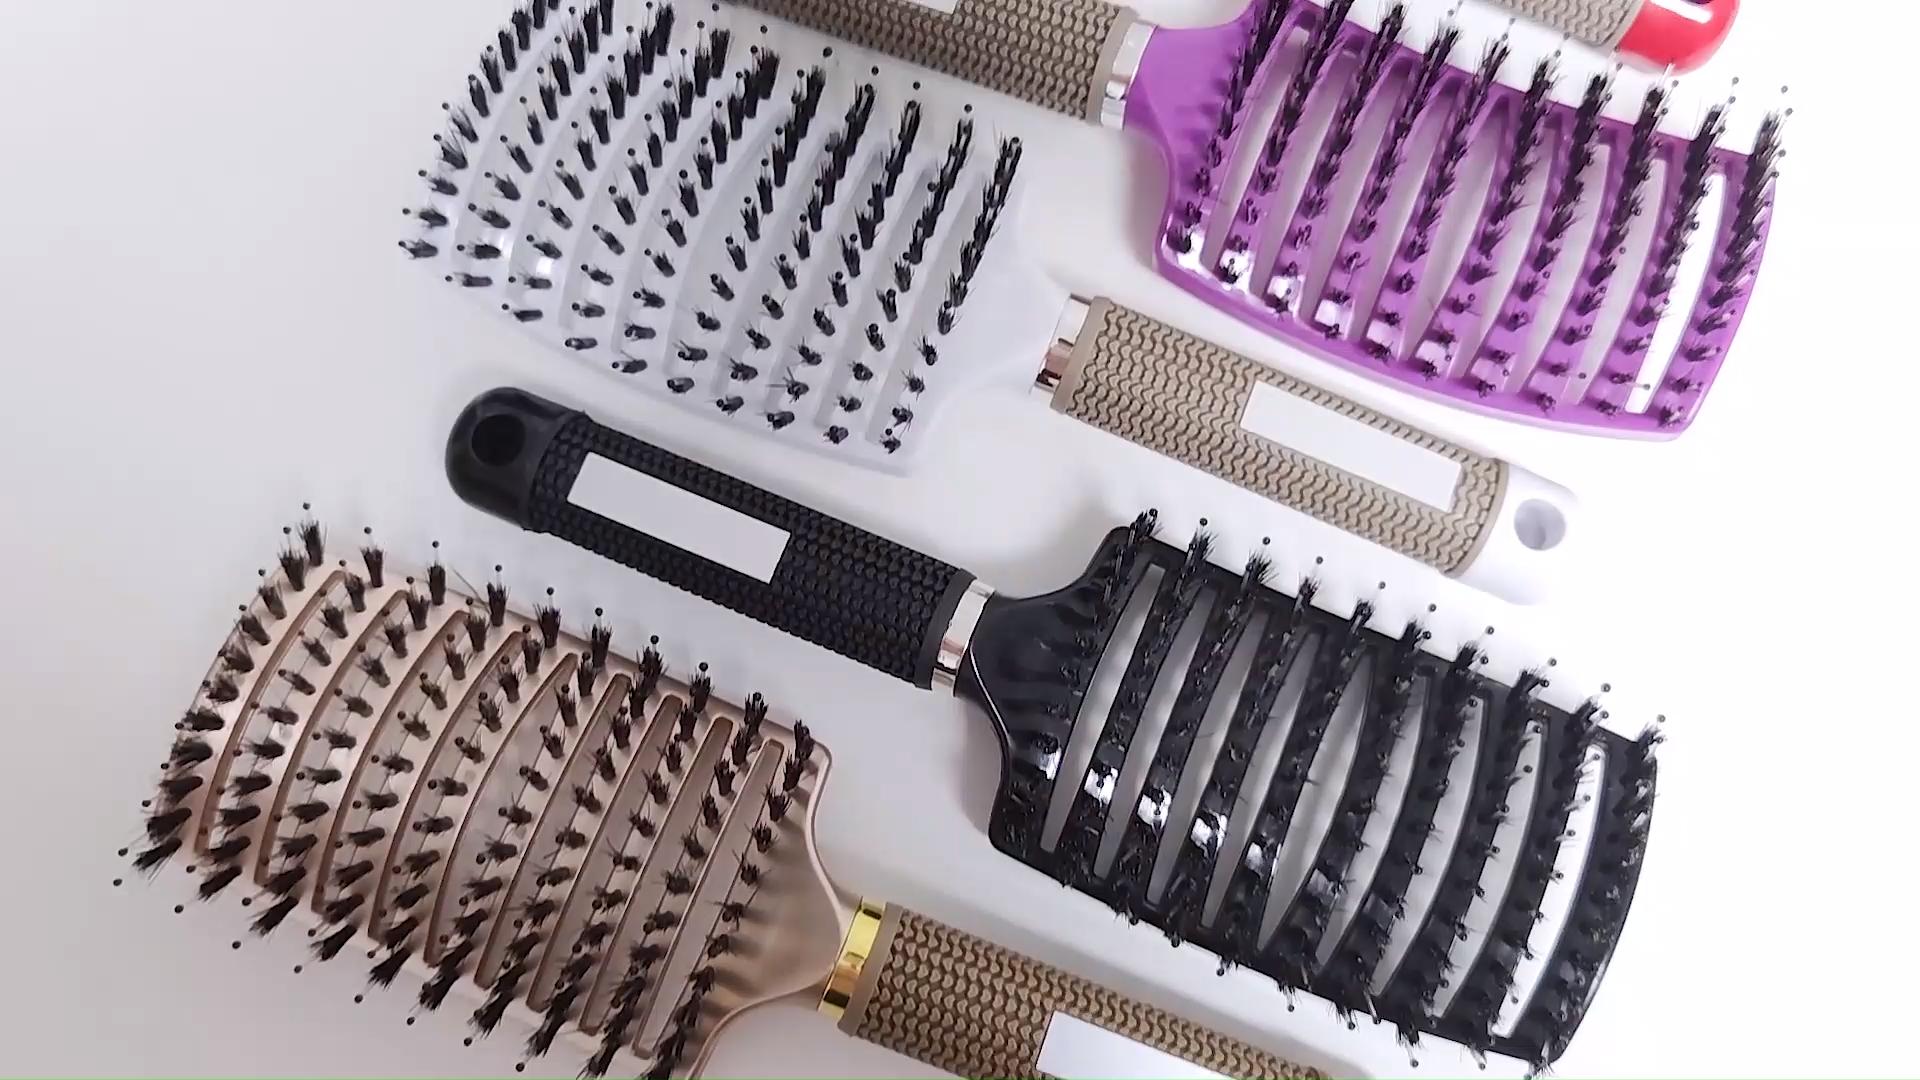 סלון אביזרי מותאם אישית לוגו עיסוי Detangling מברשת שיער טיפול פלסטיק קסם מברשת שיער לאישה